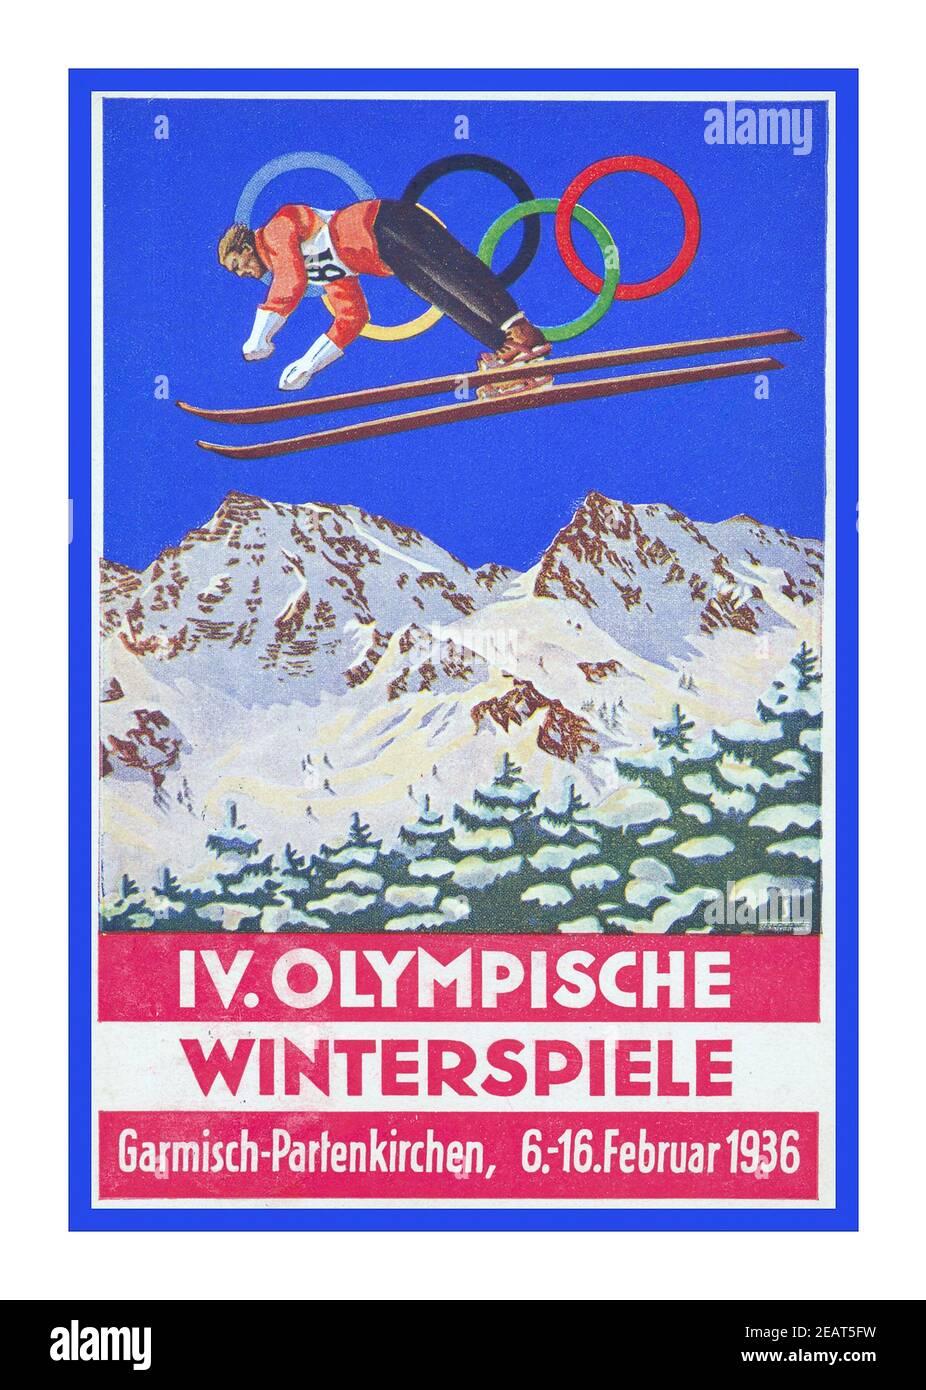 1936 Poster Vintage de los Juegos Olímpicos de Invierno, oficialmente conocido como los IV Juegos Olímpicos de Invierno, fue un evento multideportivo de invierno celebrado del 6 al 16 de febrero de 1936 en la ciudad de mercado de Garmisch-Partenkirchen en Baviera, Alemania. El país también fue anfitrión de las Olimpiadas de Verano de 1936, que se celebraron en la Alemania nazi de Berlín Foto de stock